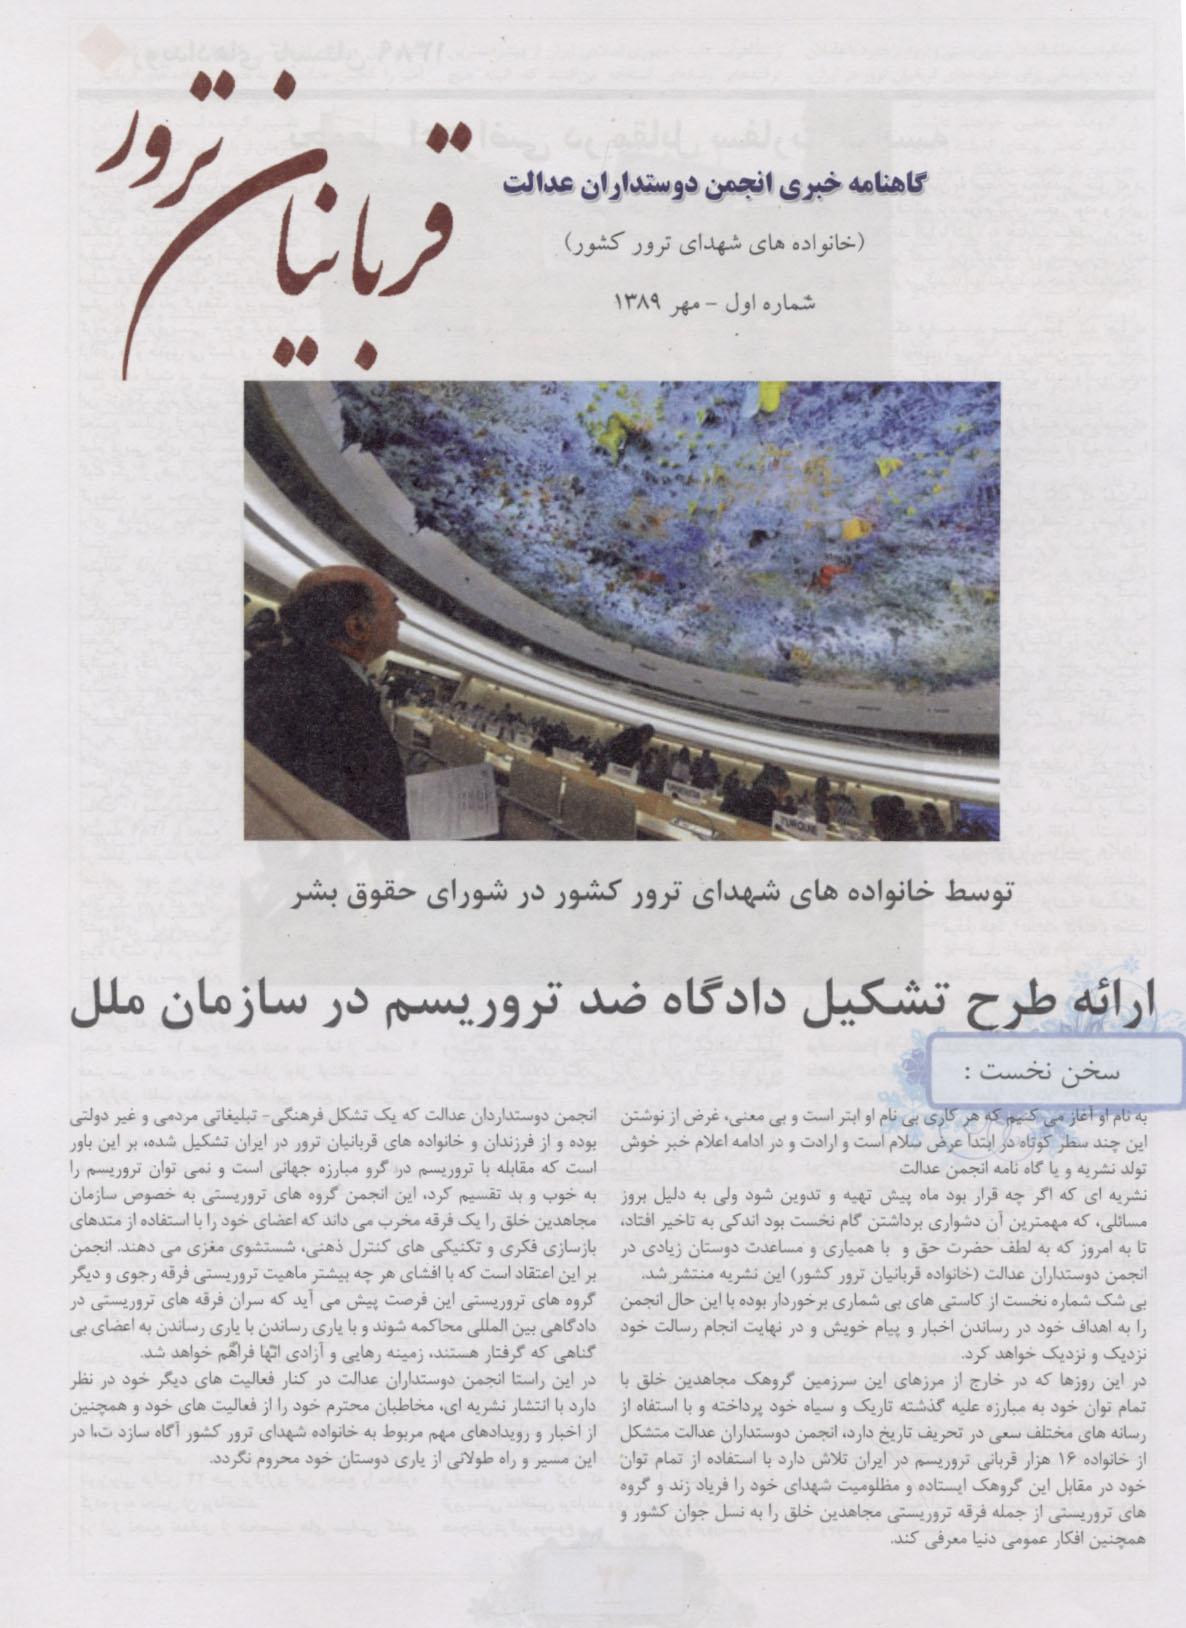 مجلة داخلية للجمعية للدفاع عن ضحايا الإرهاب – عدد 1